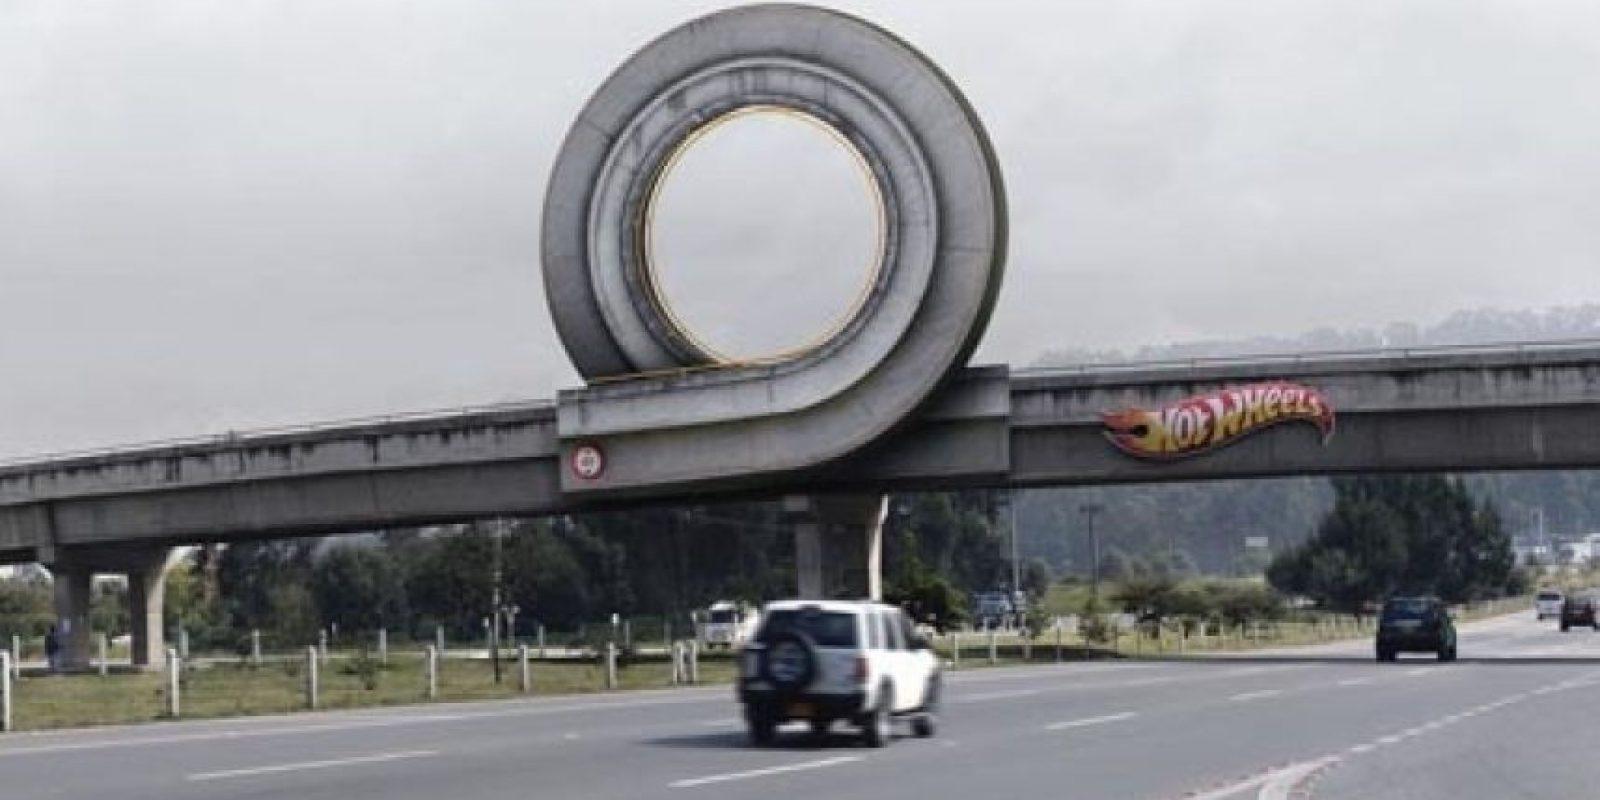 Hotwheels definitivamente quería marcar el camino, si su hijo la ve querrá una pista de carros inmediatamente. Foto:quora.com